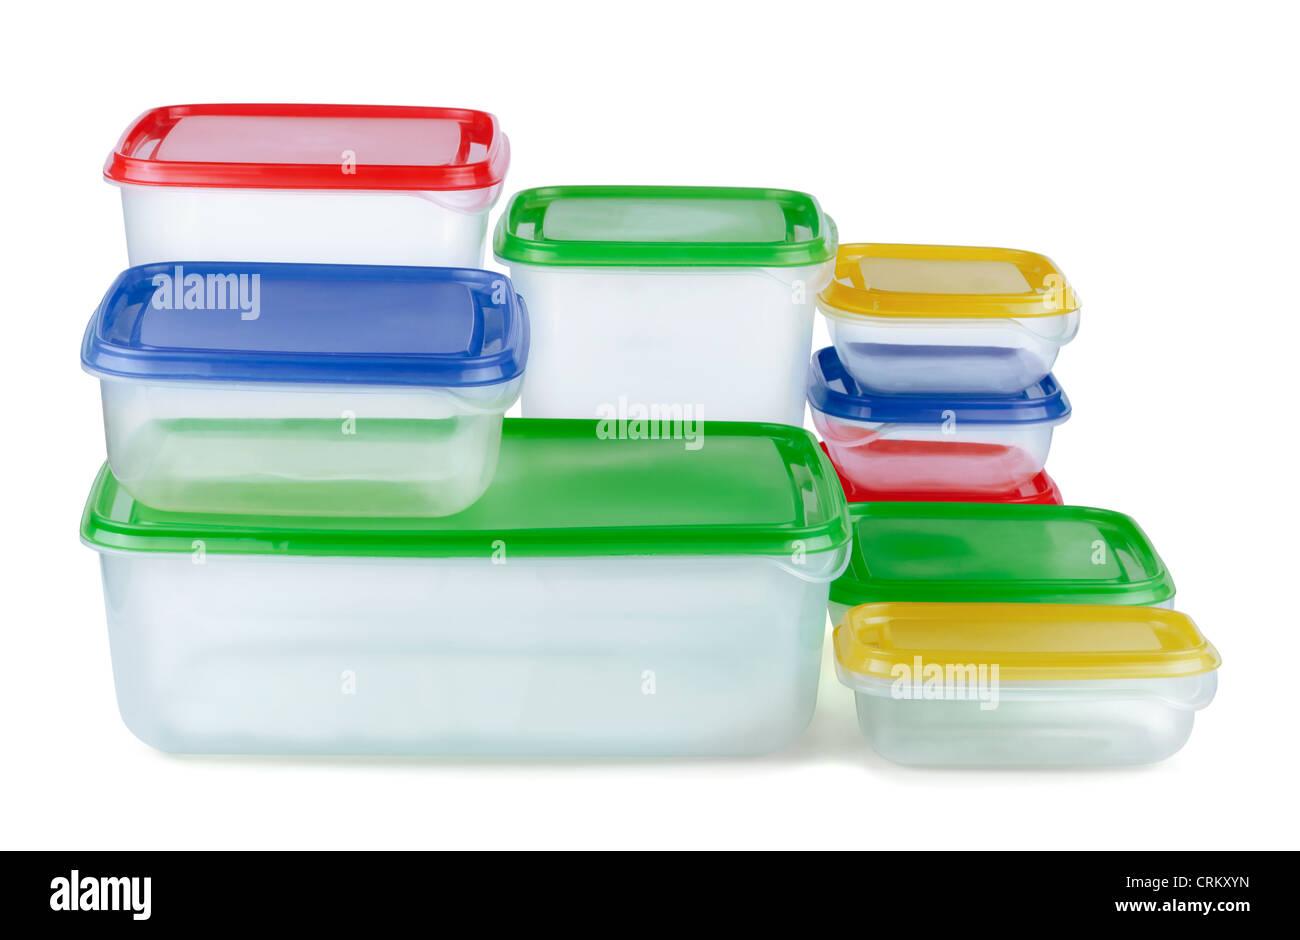 Stapel von Lebensmittelverpackungen aus Kunststoff isoliert auf weiss Stockbild